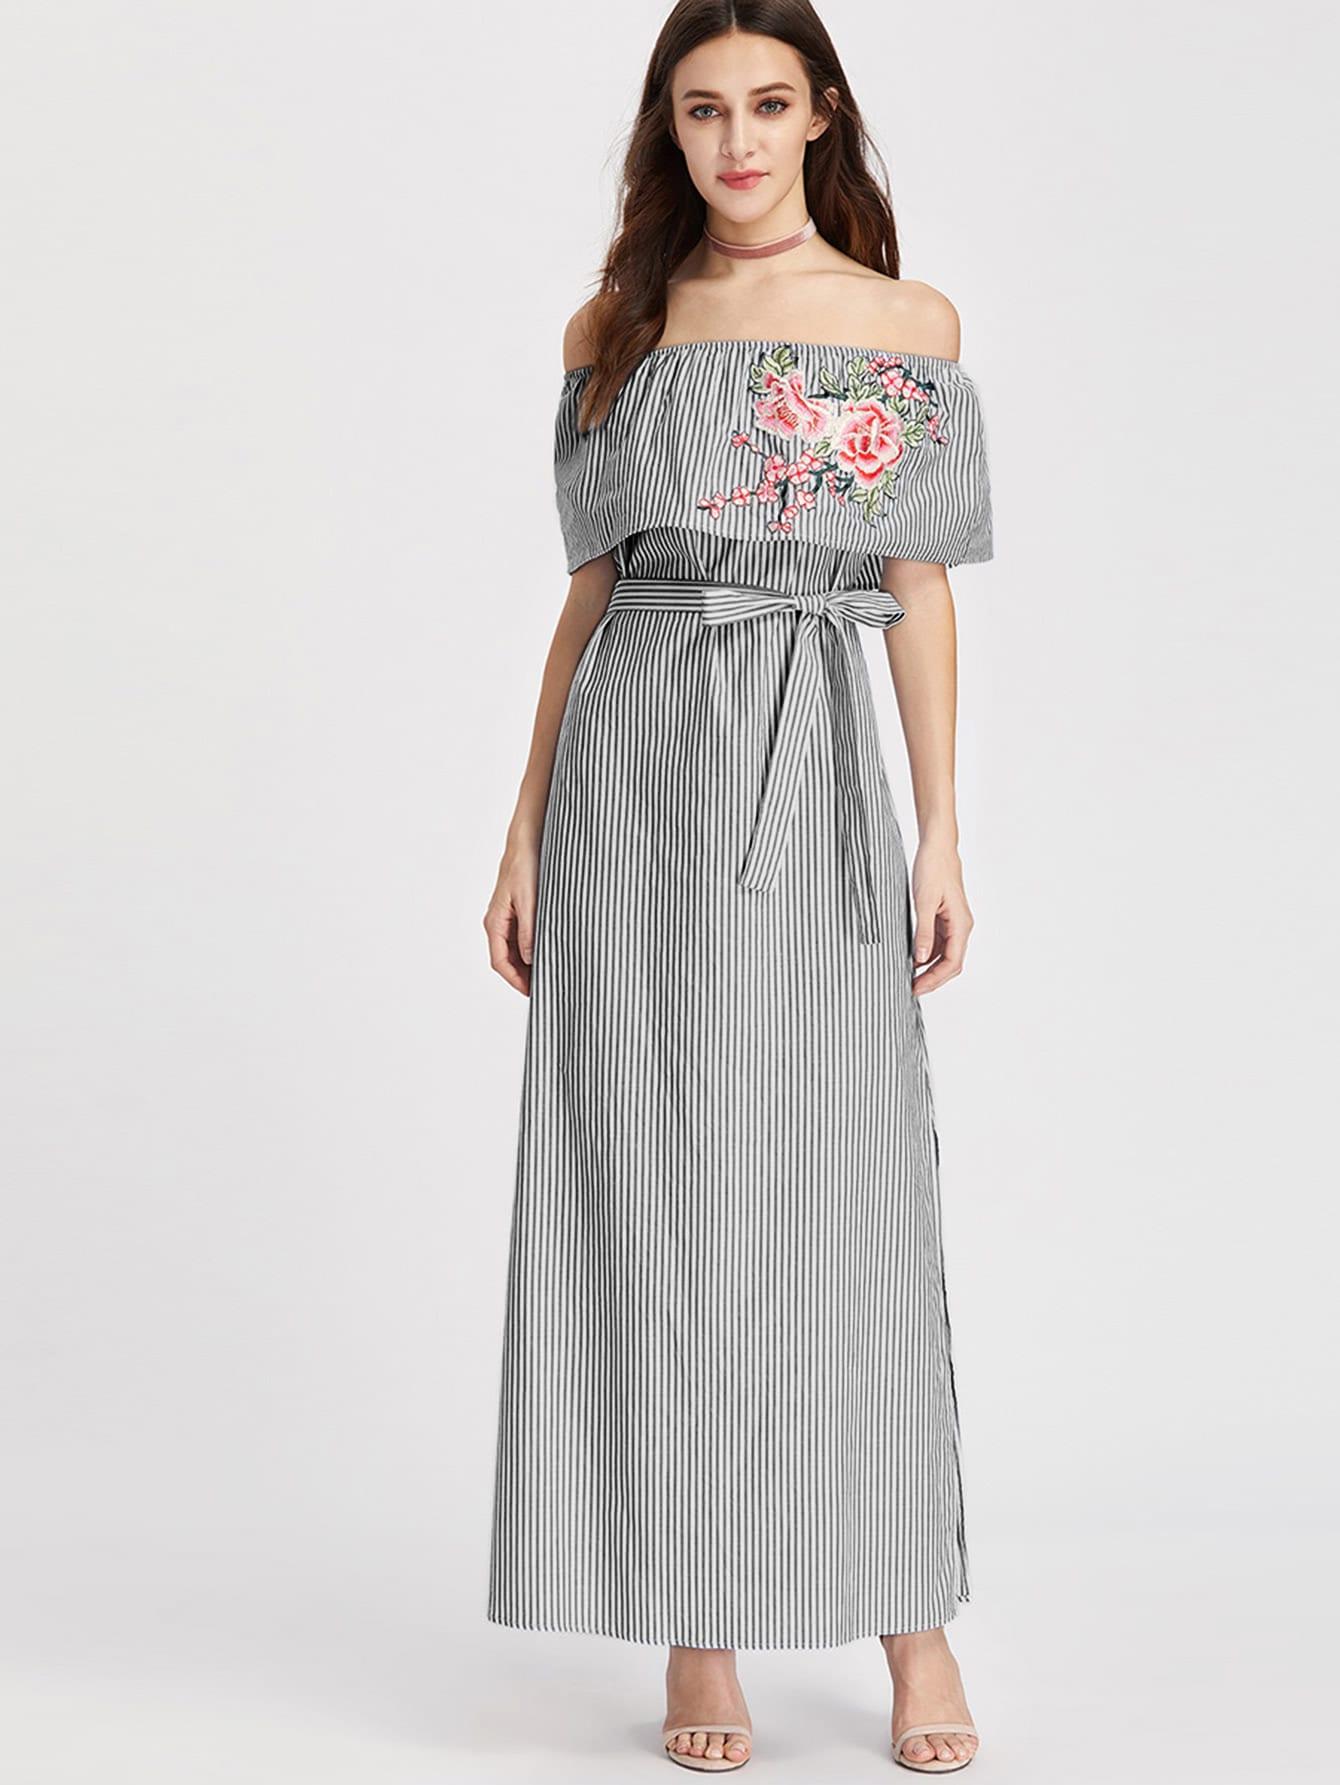 Embroidered Flounce Off Shoulder Belted Striped Dress 17478 08 sm